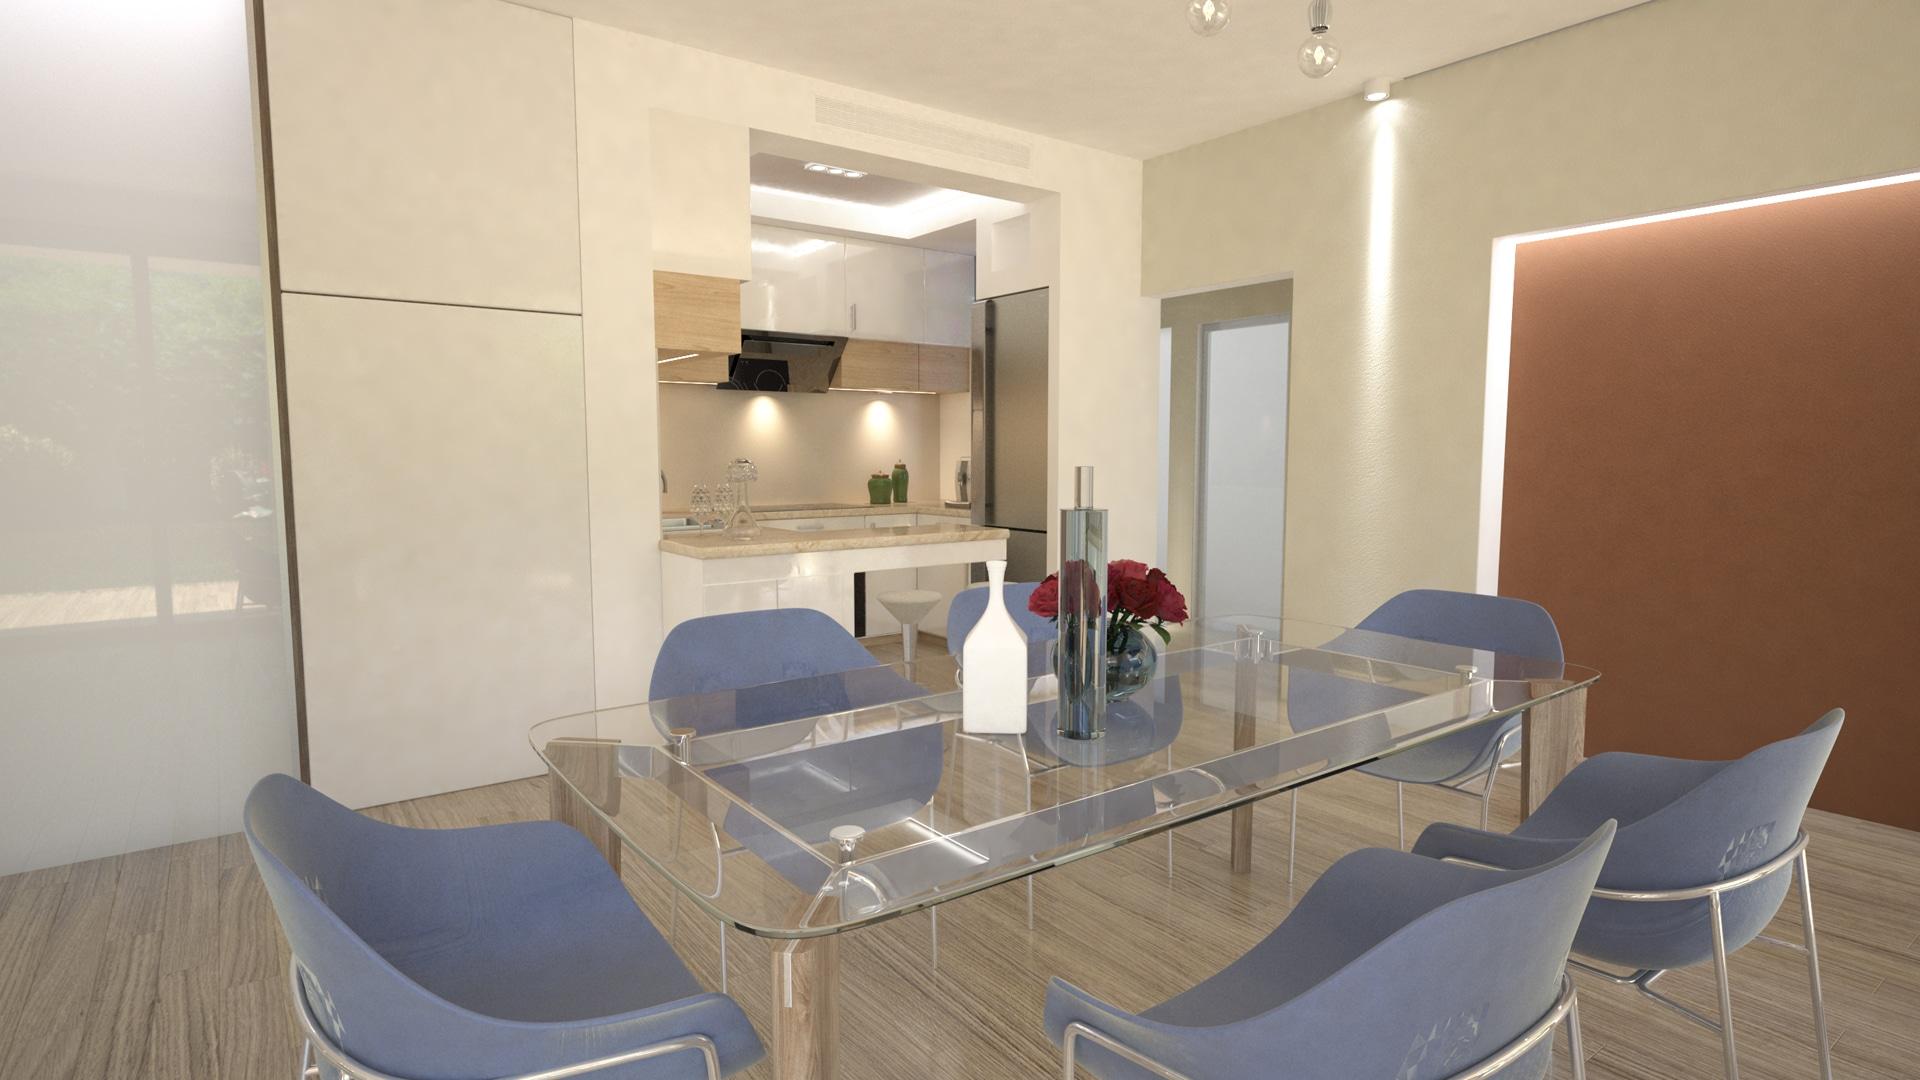 Sala + Cucina